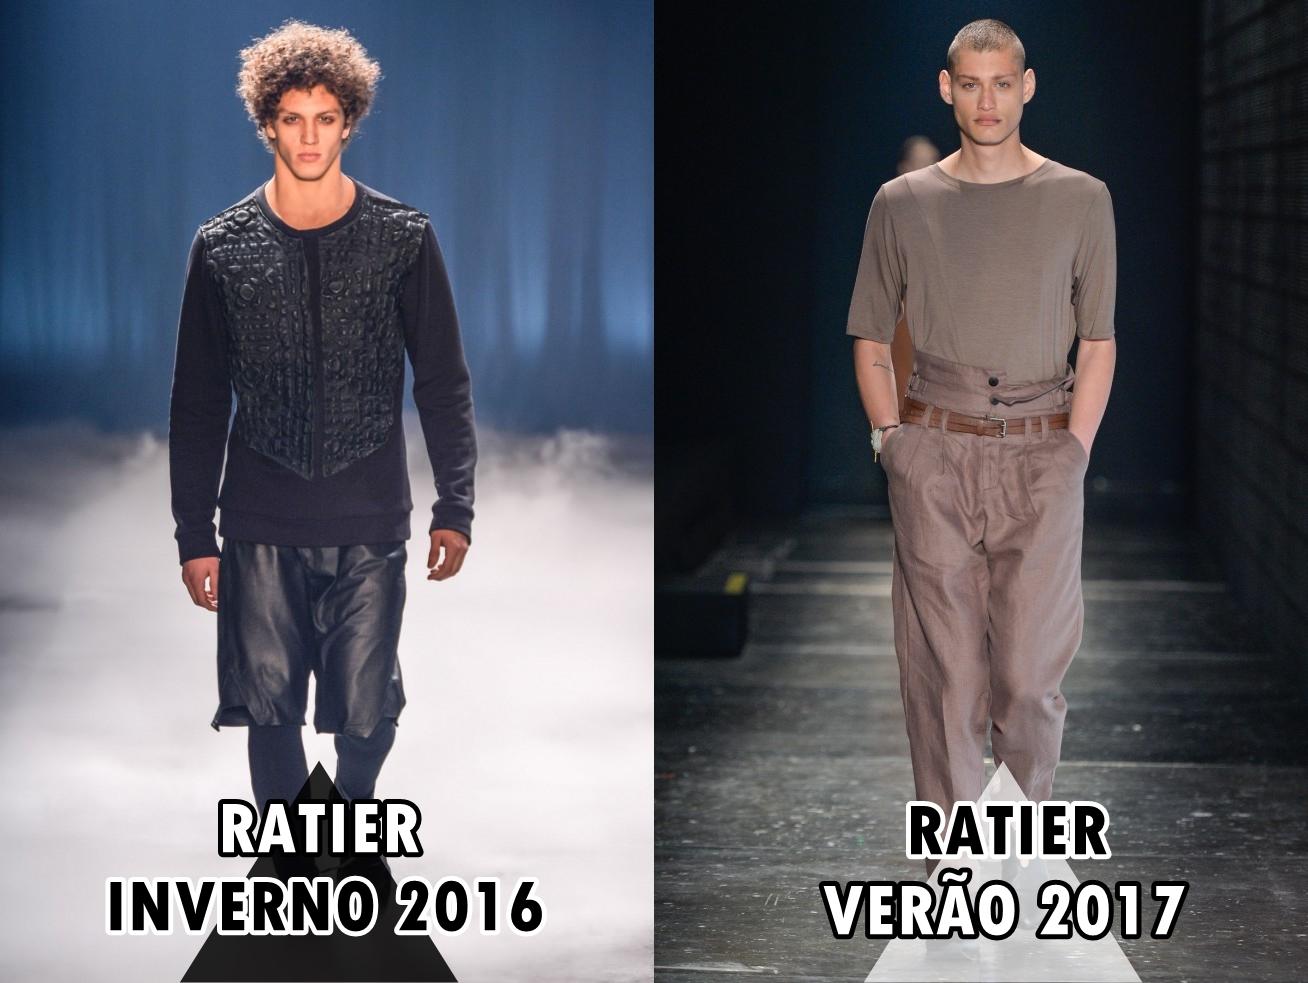 desfile masculino, spfw, são paulo fashion week 2017, menswear, moda masculina, ratier, coleção masculina, alex cursino, moda sem censura,